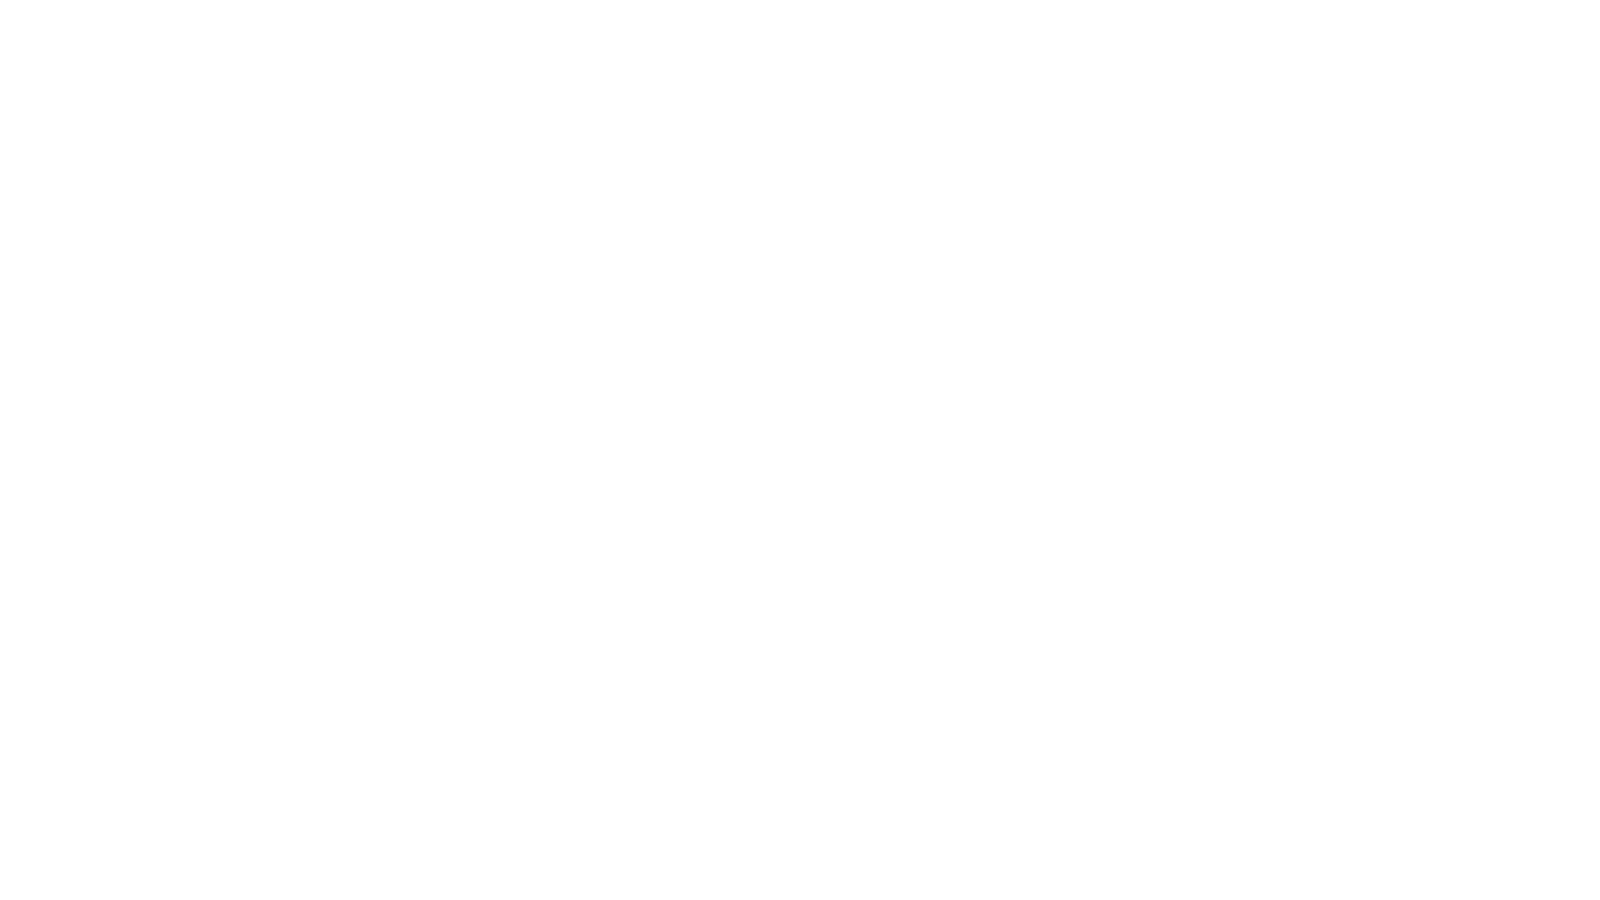 2019 - Vernetzen, wo andere Urlaub machen.  Internationale Fachtagung Familienrat 13. deutschsprachiges Netzwerktreffen Familienrat Klagenfurt am Wörthersee (Österreich) Stefan Weisbach & Jürgen Bamberger (levelUP)